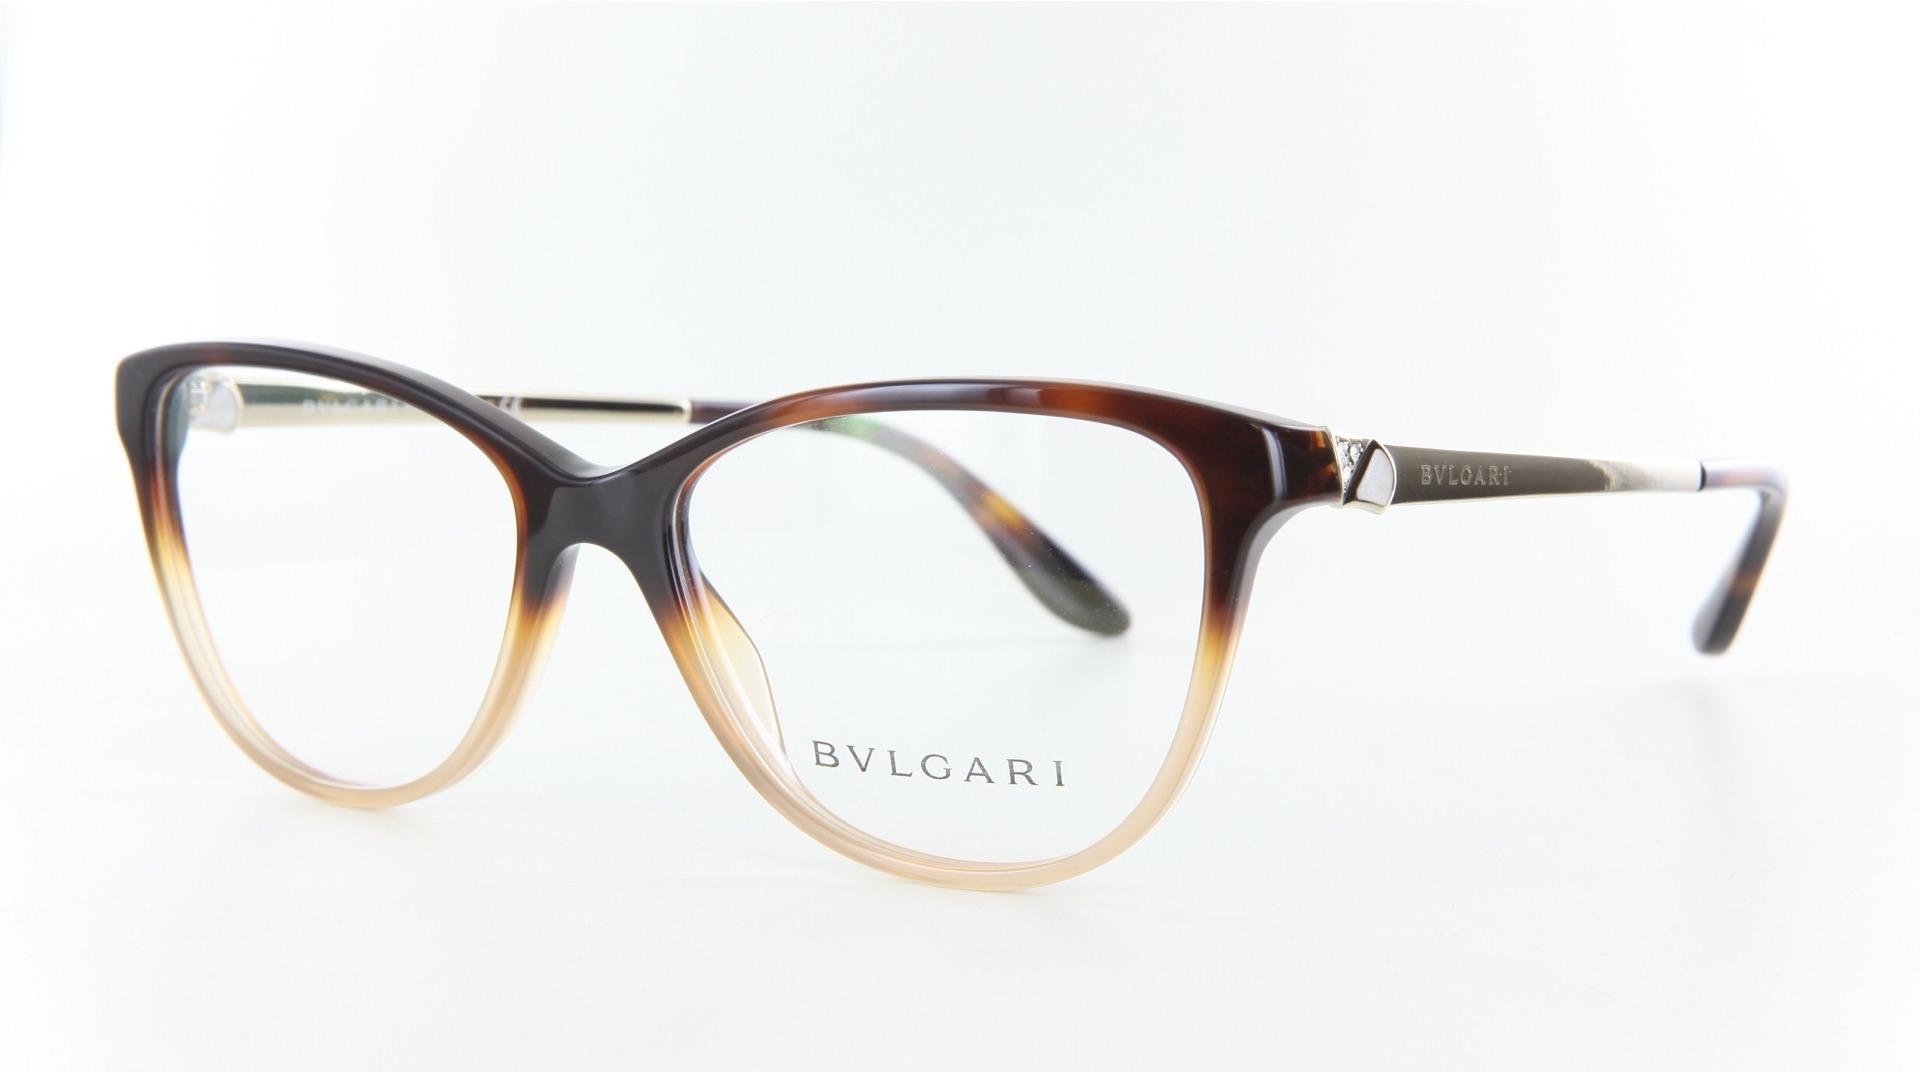 Bulgari - ref: 74347